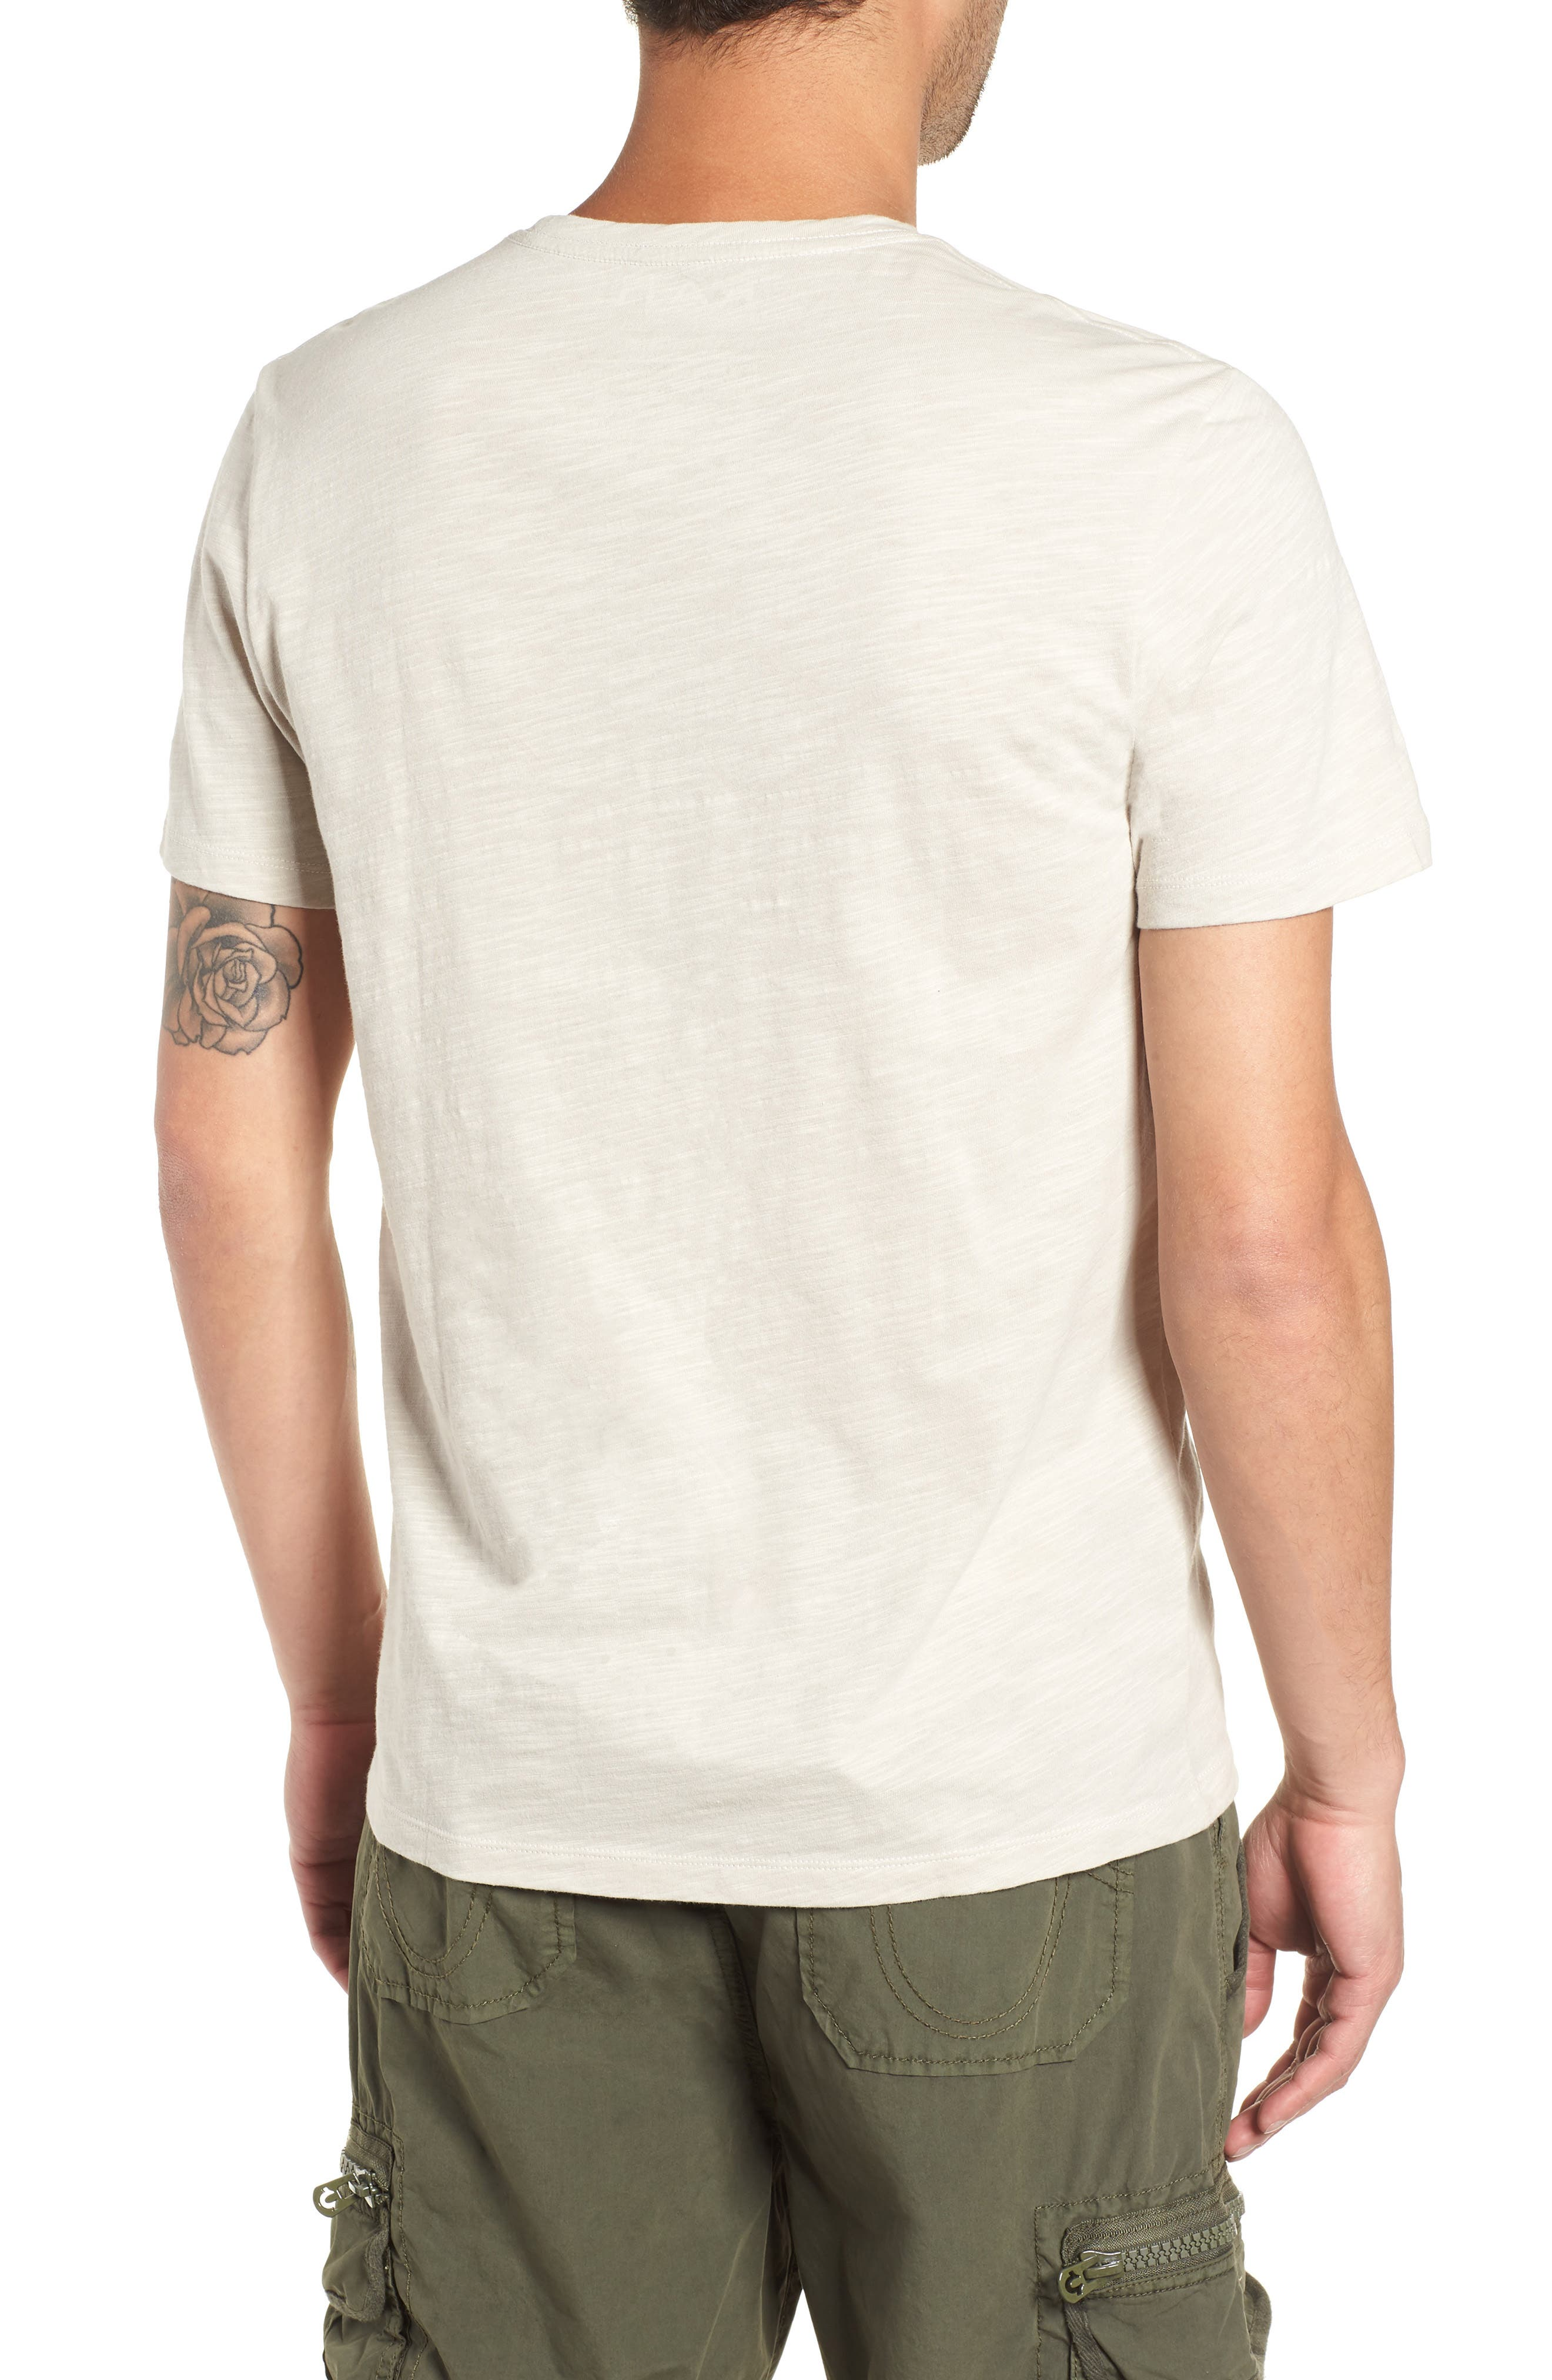 THE RAIL,                             Slub Knit T-Shirt,                             Alternate thumbnail 2, color,                             050